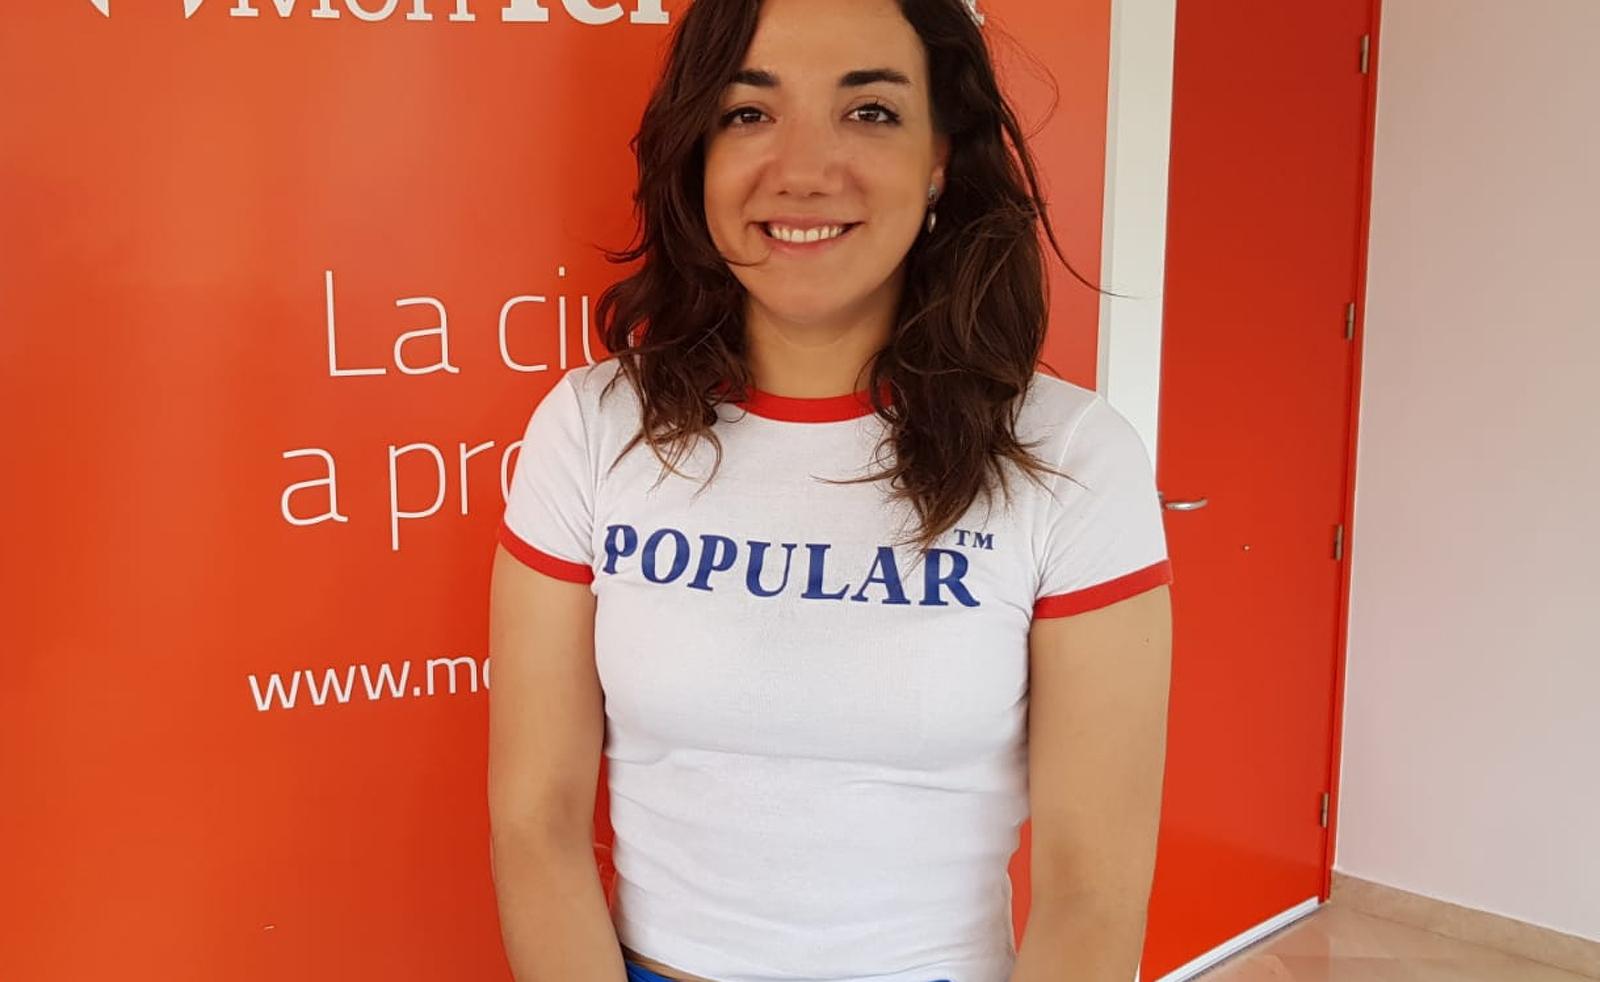 Marta Giménez-Arcusa